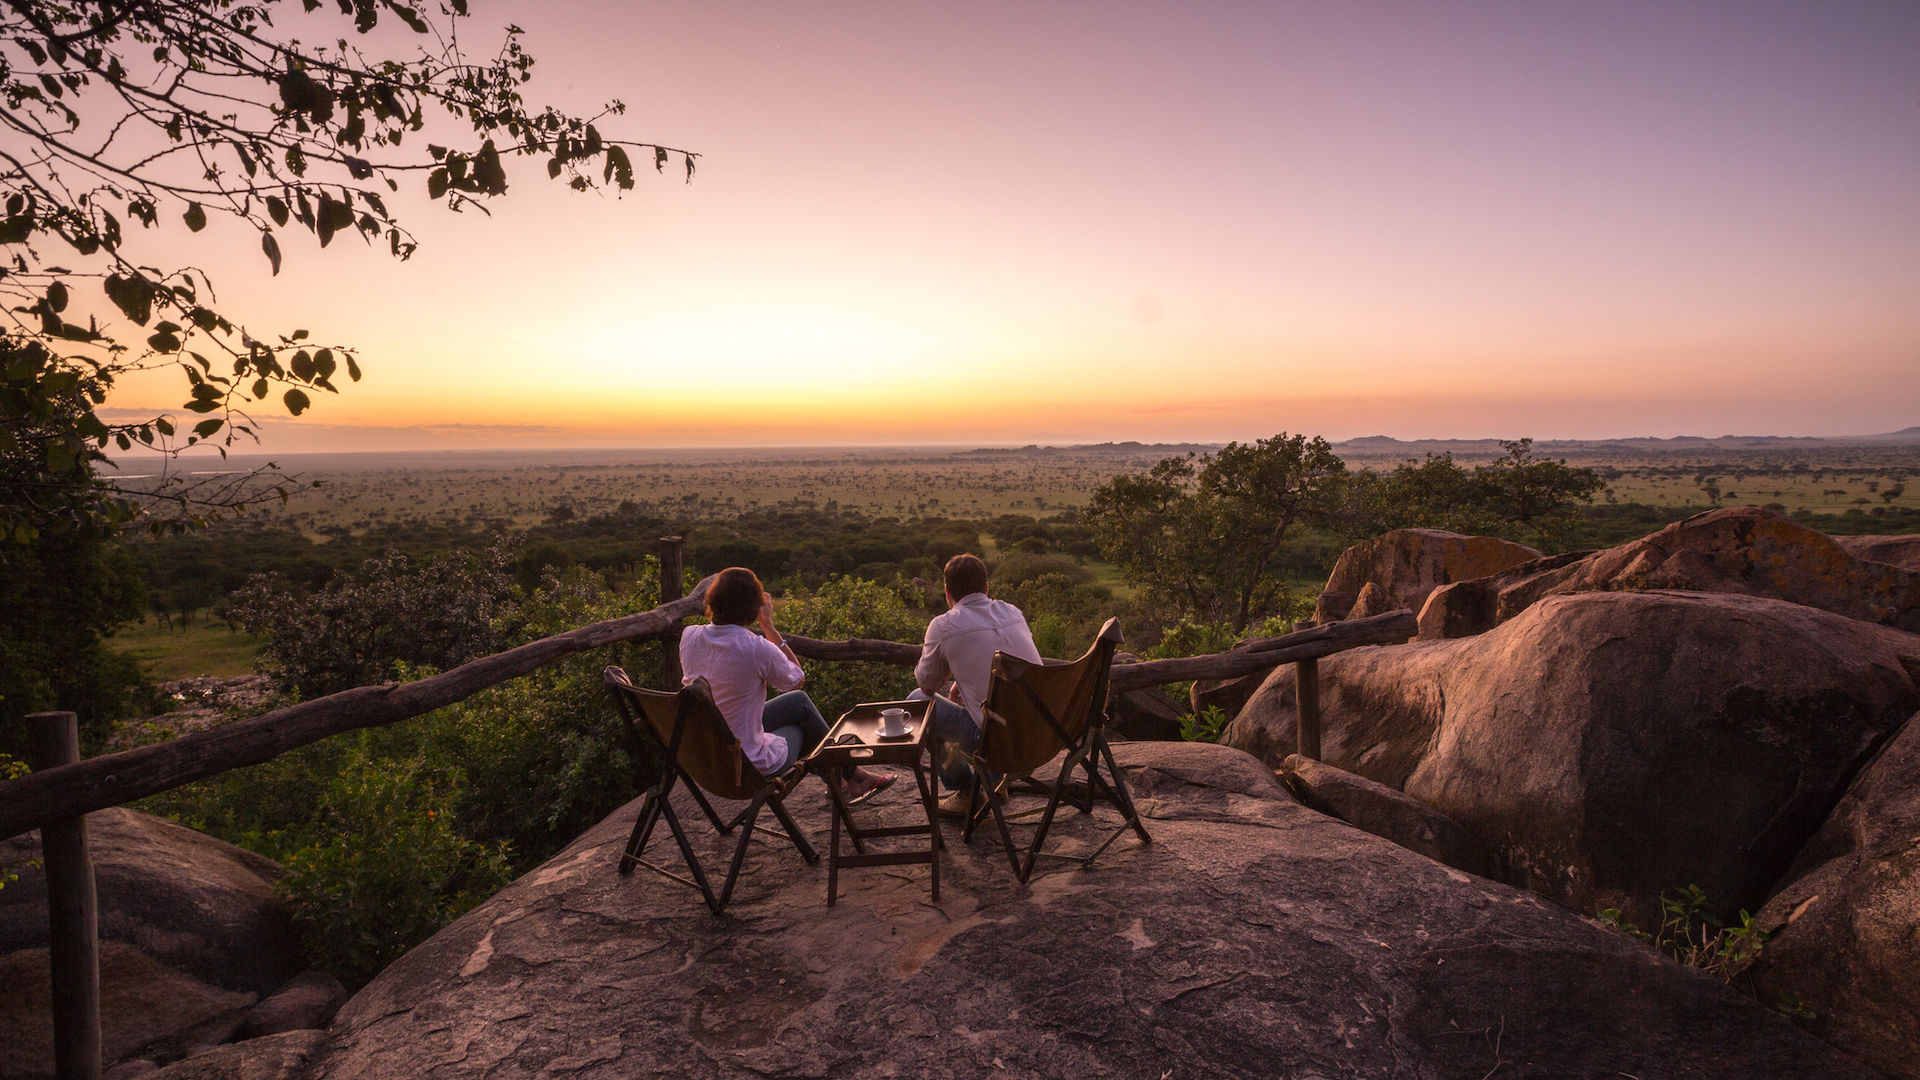 Serengeti vakantie - 10 dagen Serengeti reis   Matoke Tours